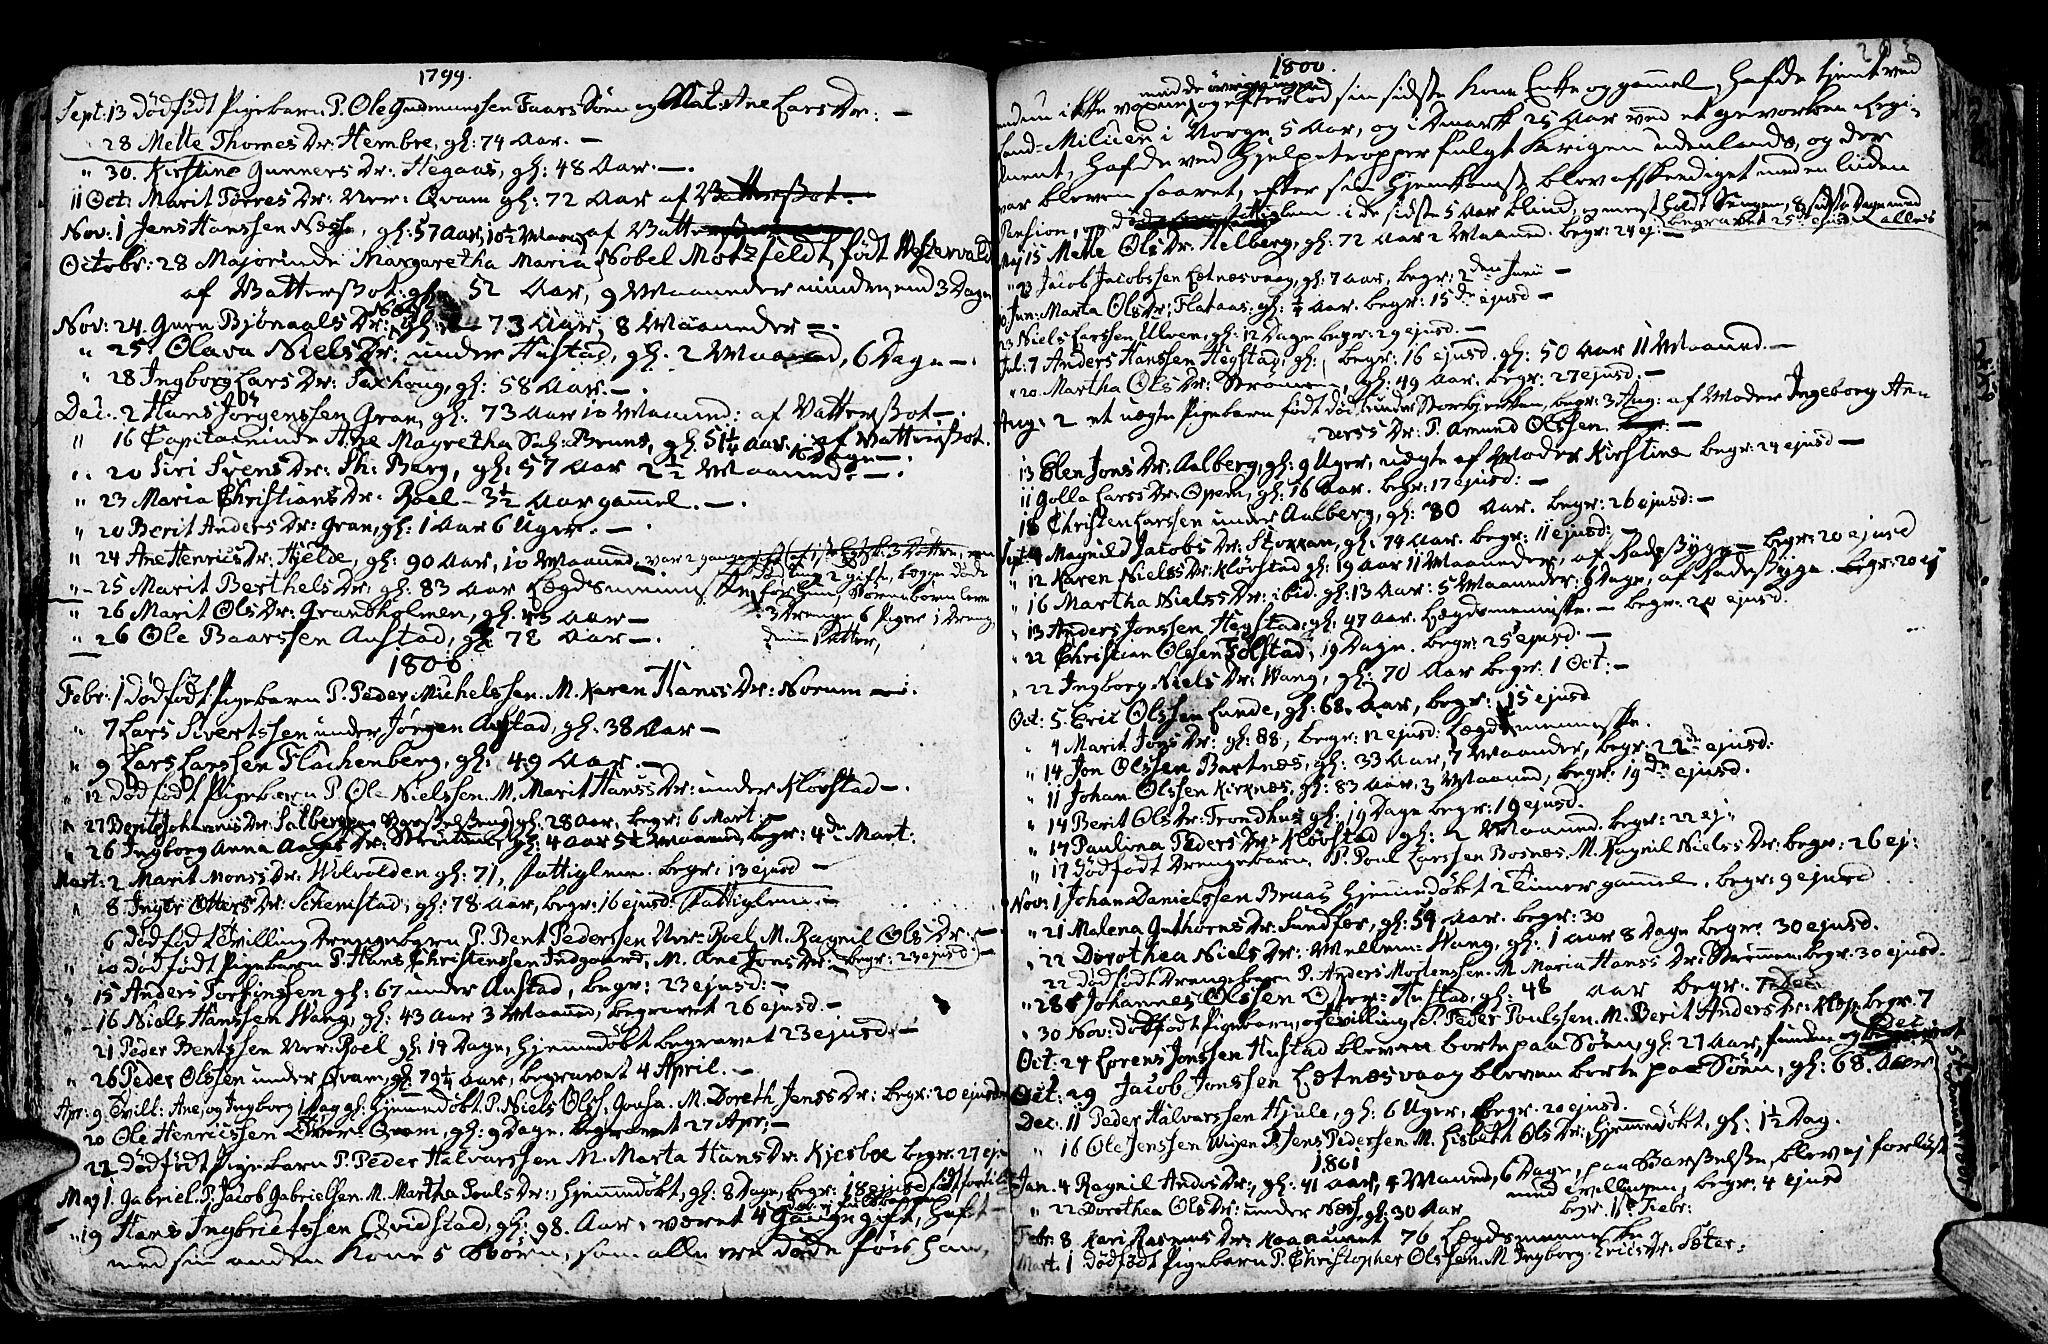 SAT, Ministerialprotokoller, klokkerbøker og fødselsregistre - Nord-Trøndelag, 730/L0273: Ministerialbok nr. 730A02, 1762-1802, s. 203